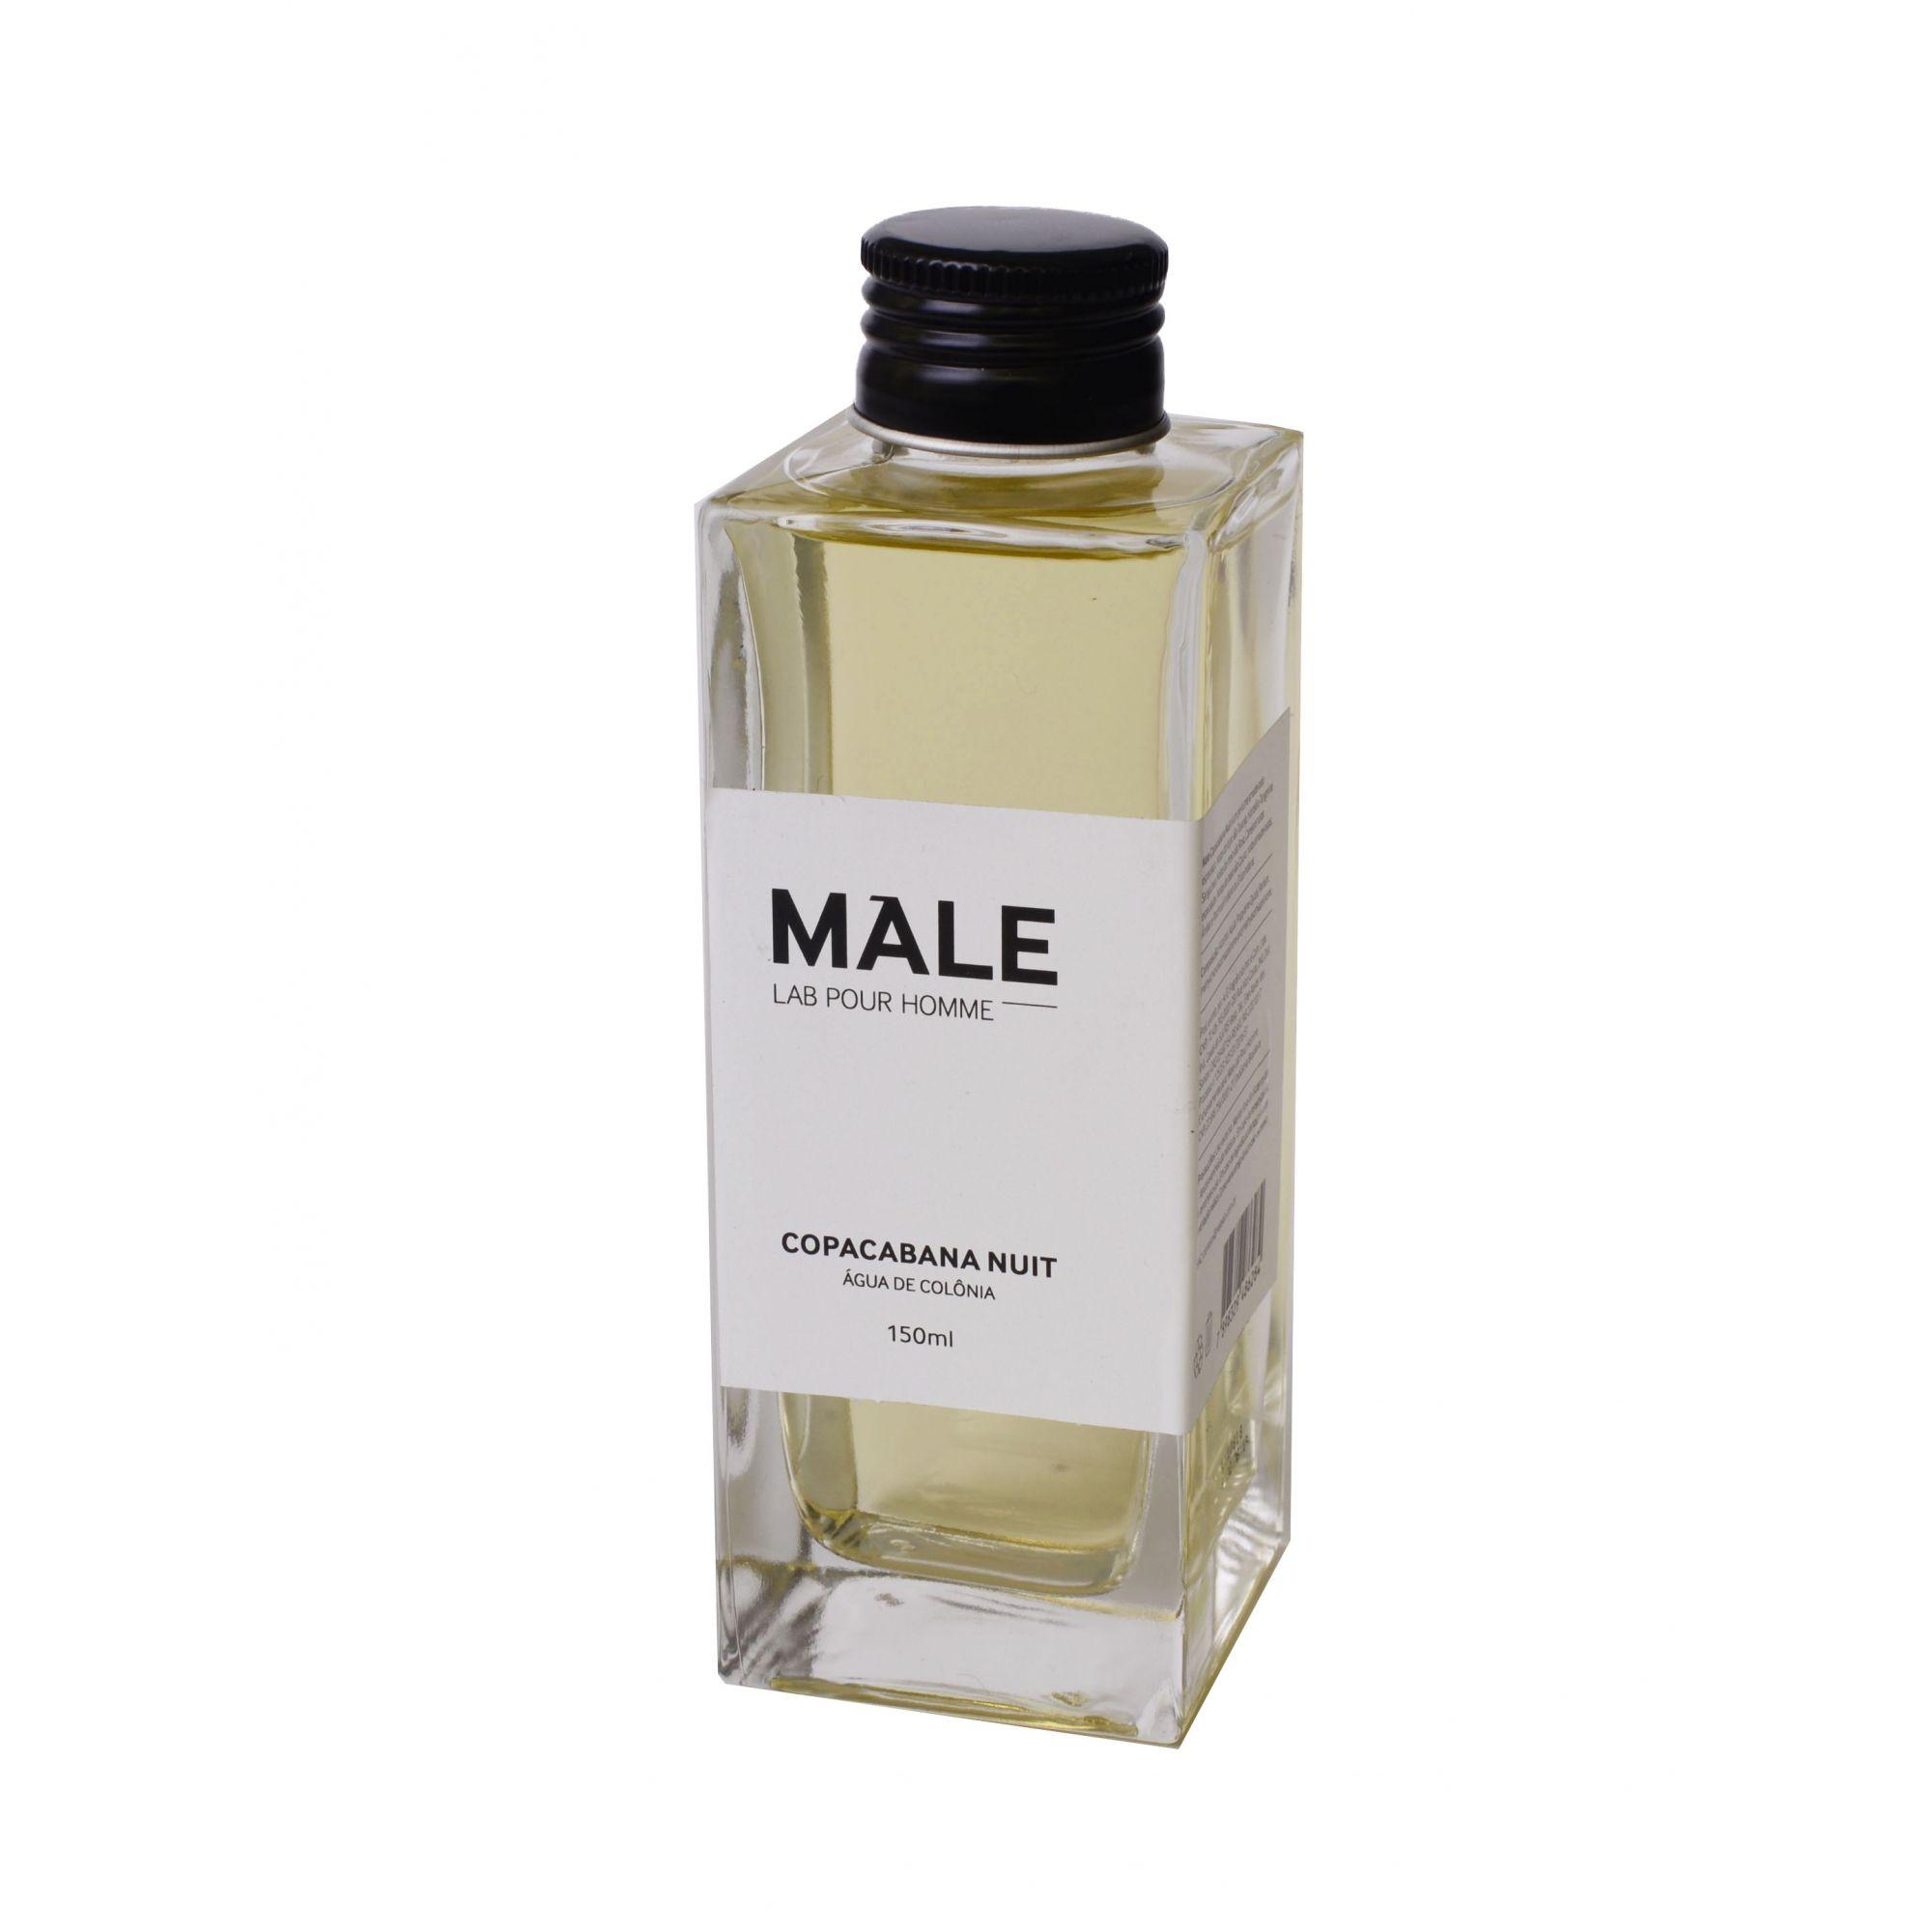 Perfume Copacabana Nuit | Male Lab Pour Homme